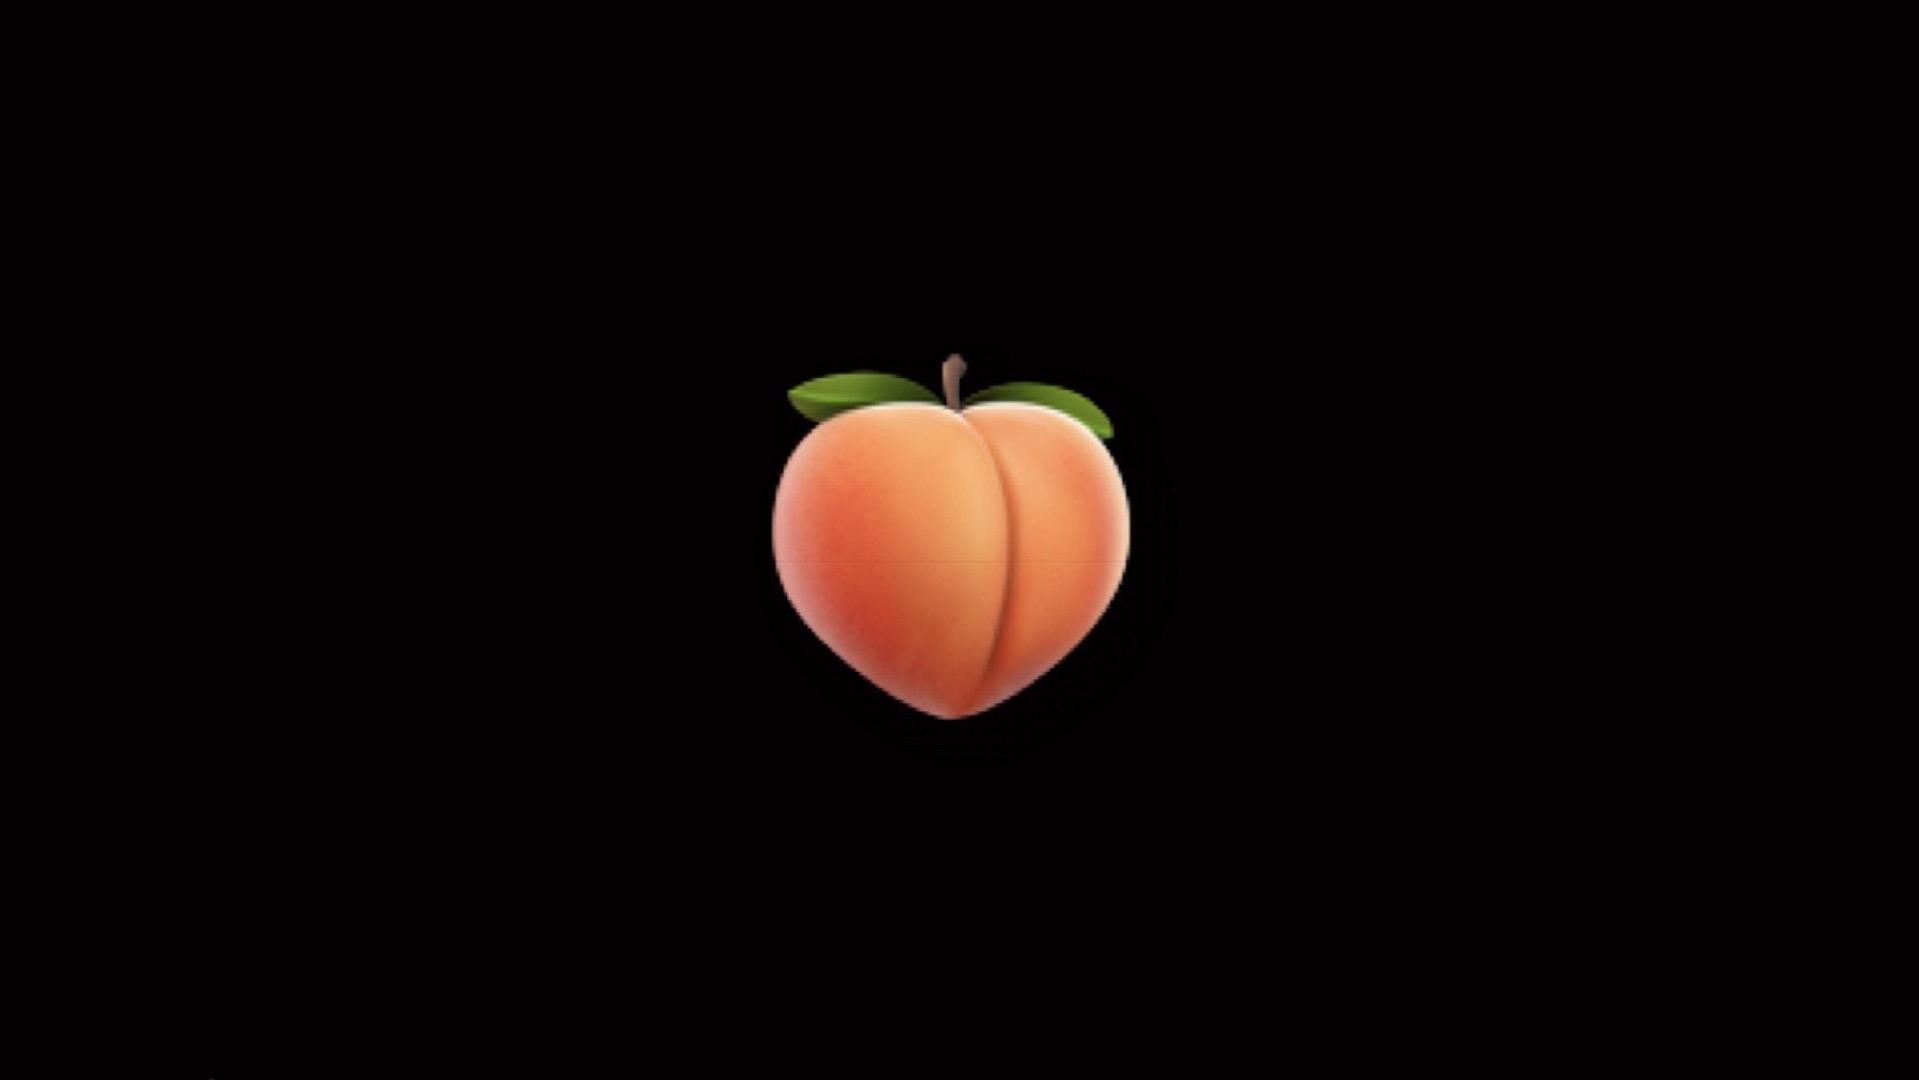 Envoyer des nudes: quelques conseils pour être en (relative) sécurité